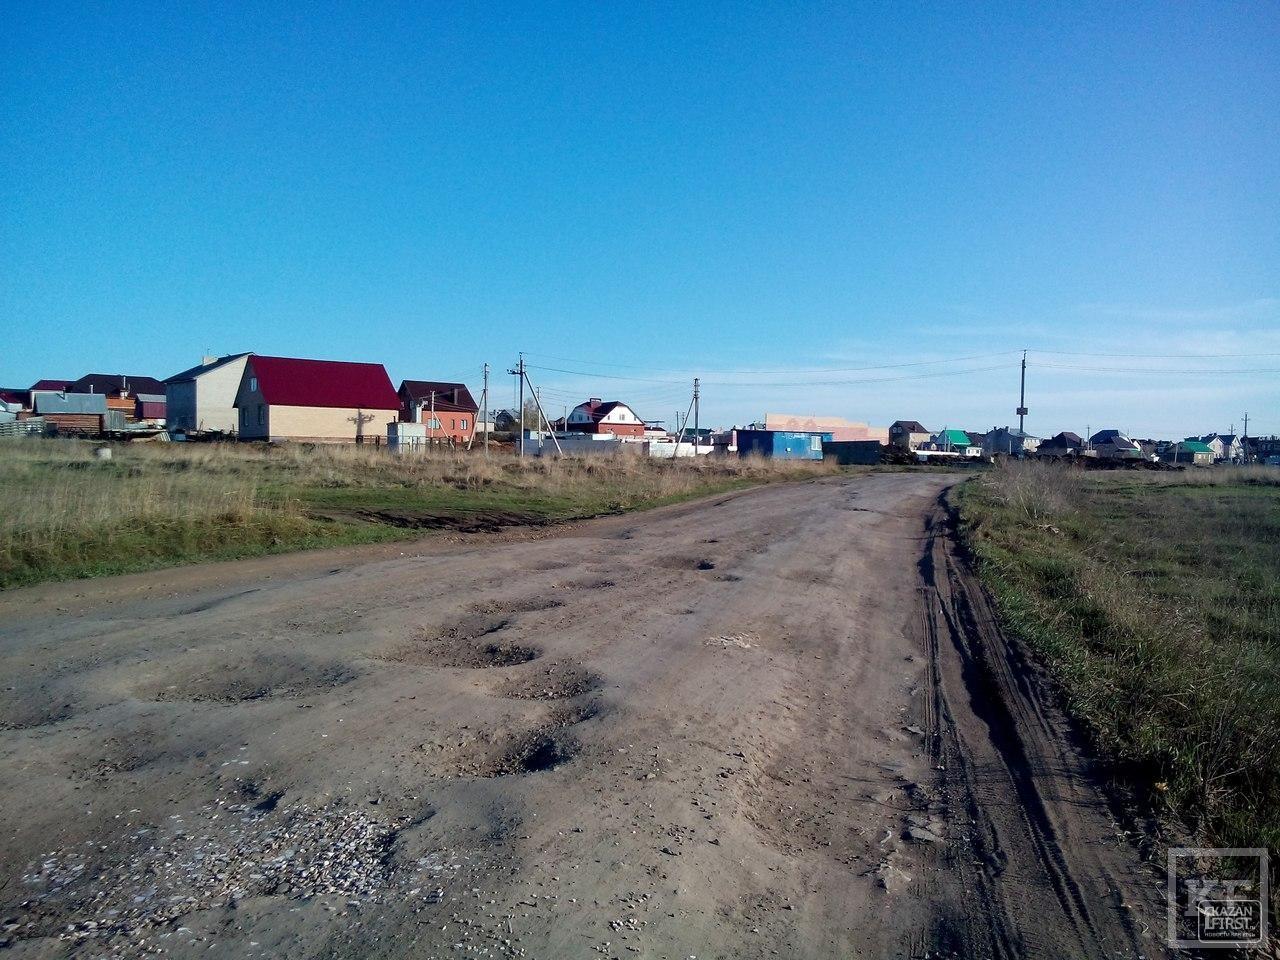 Власти Набережных Челнов вспомнили об удаленном городском поселке, но только чтобы оштрафовать его жителей